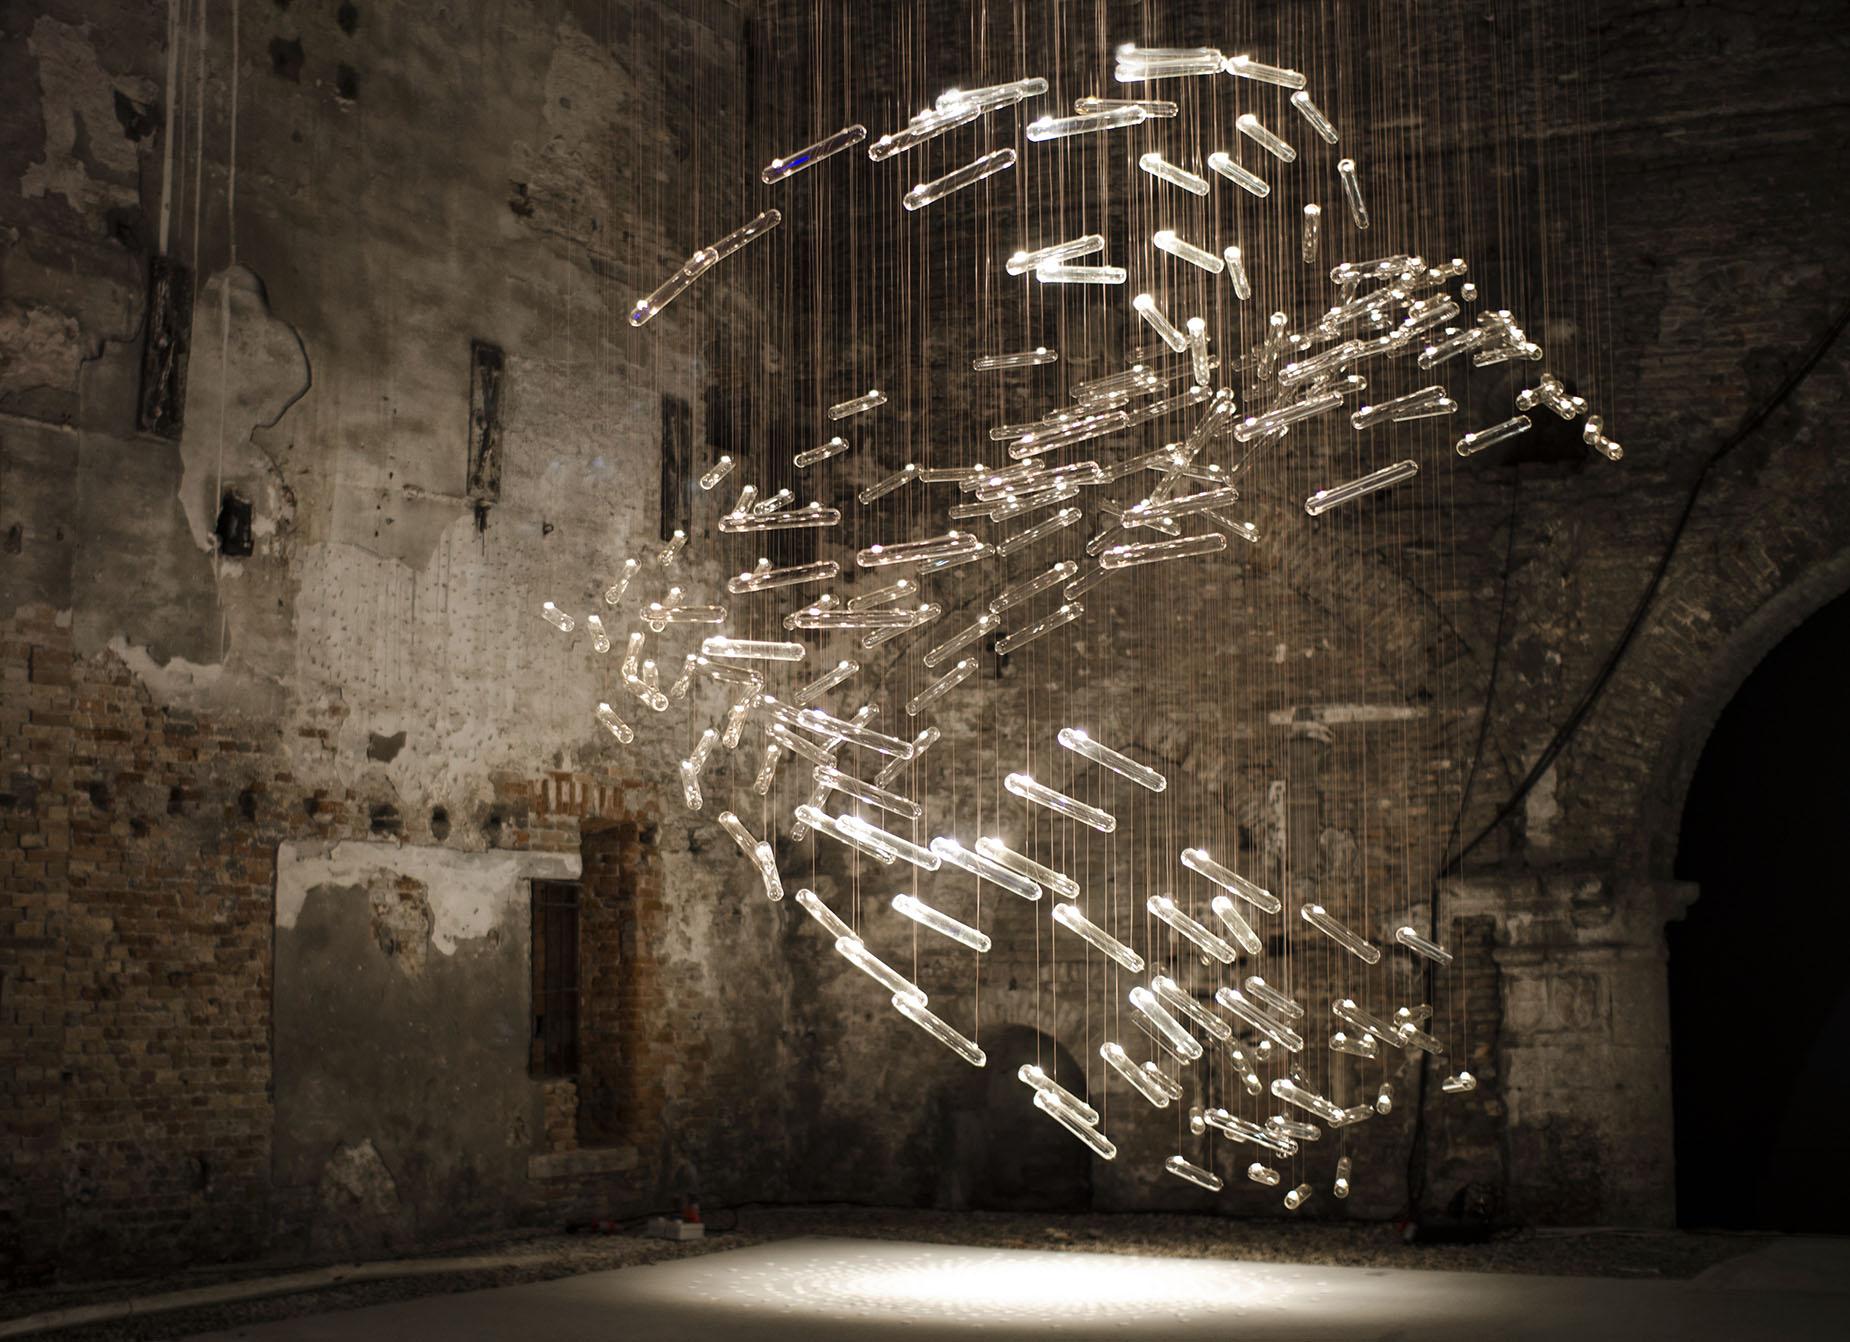 Flylight, Glasstress 2015 Gotika, Venice Biennale | Photo by Juuke Schoorl